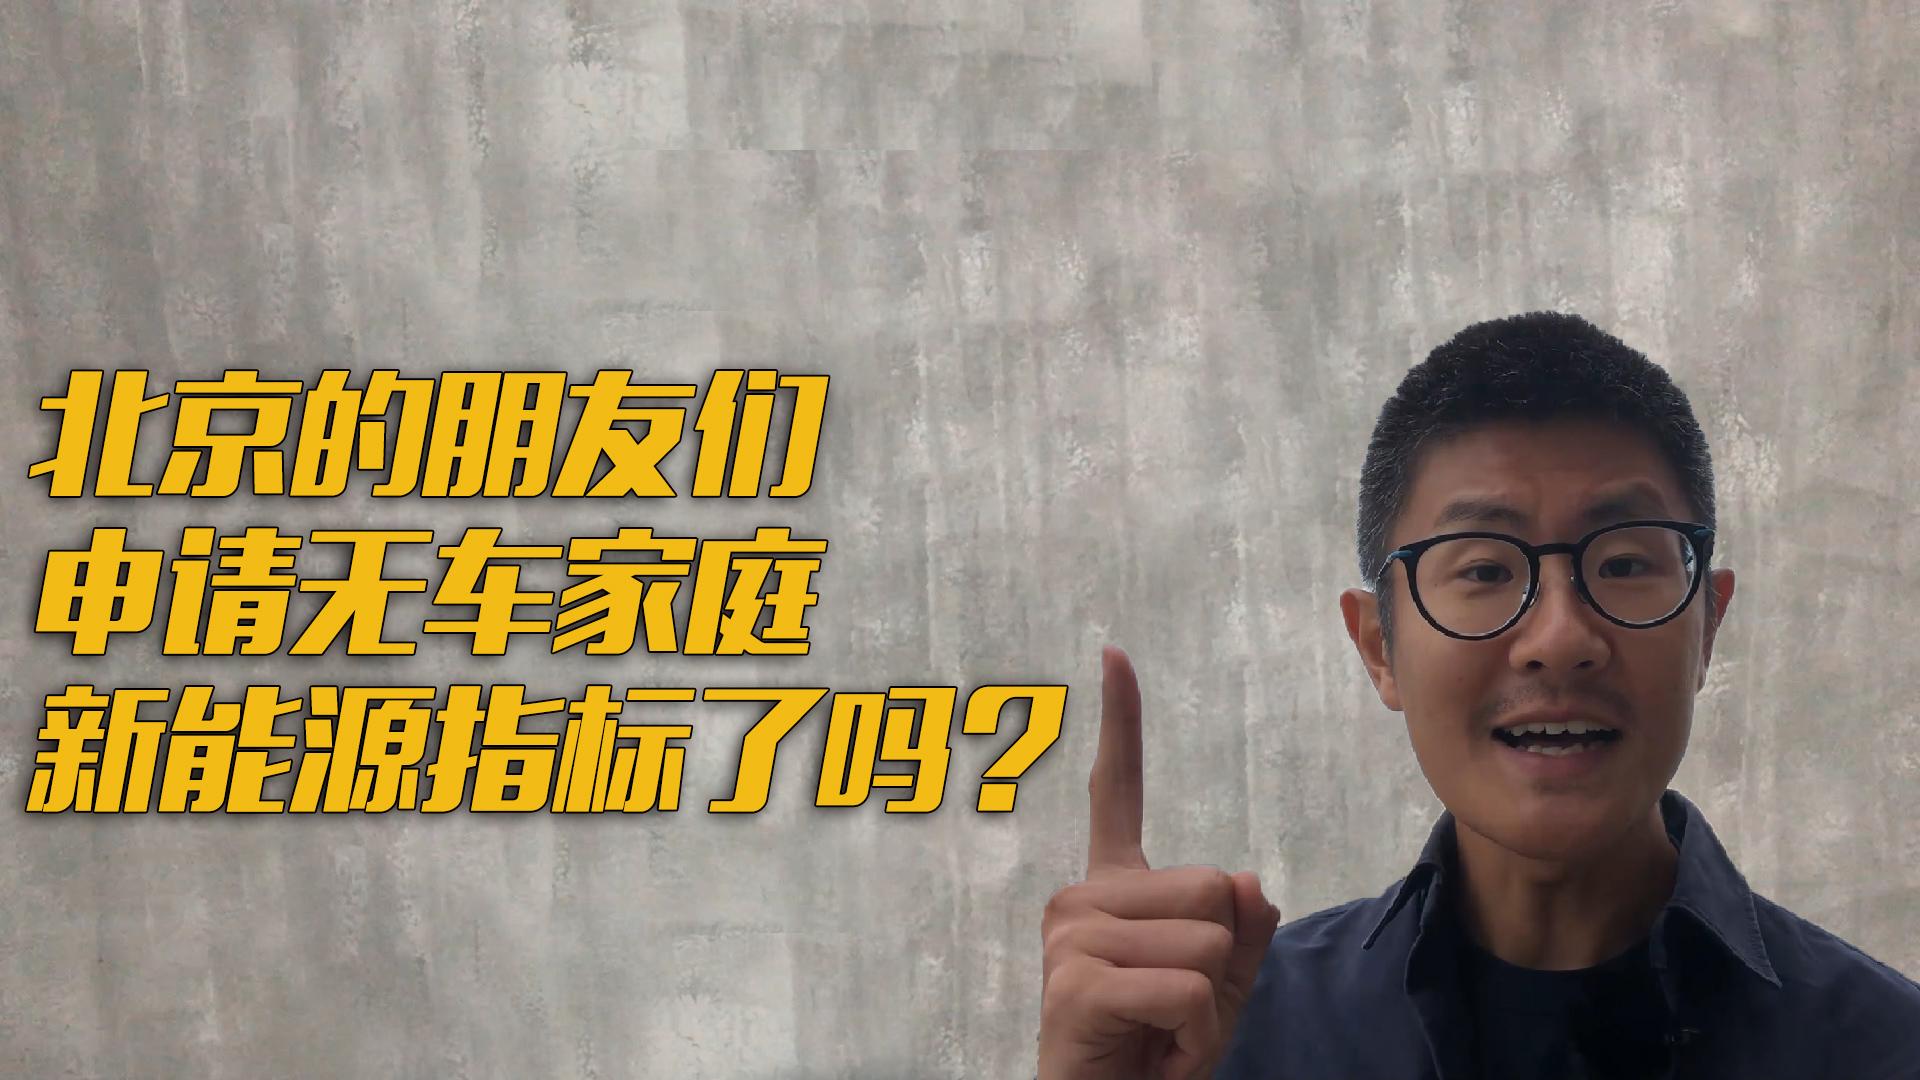 北京的朋友们,申请无车家庭新能源指标了吗?